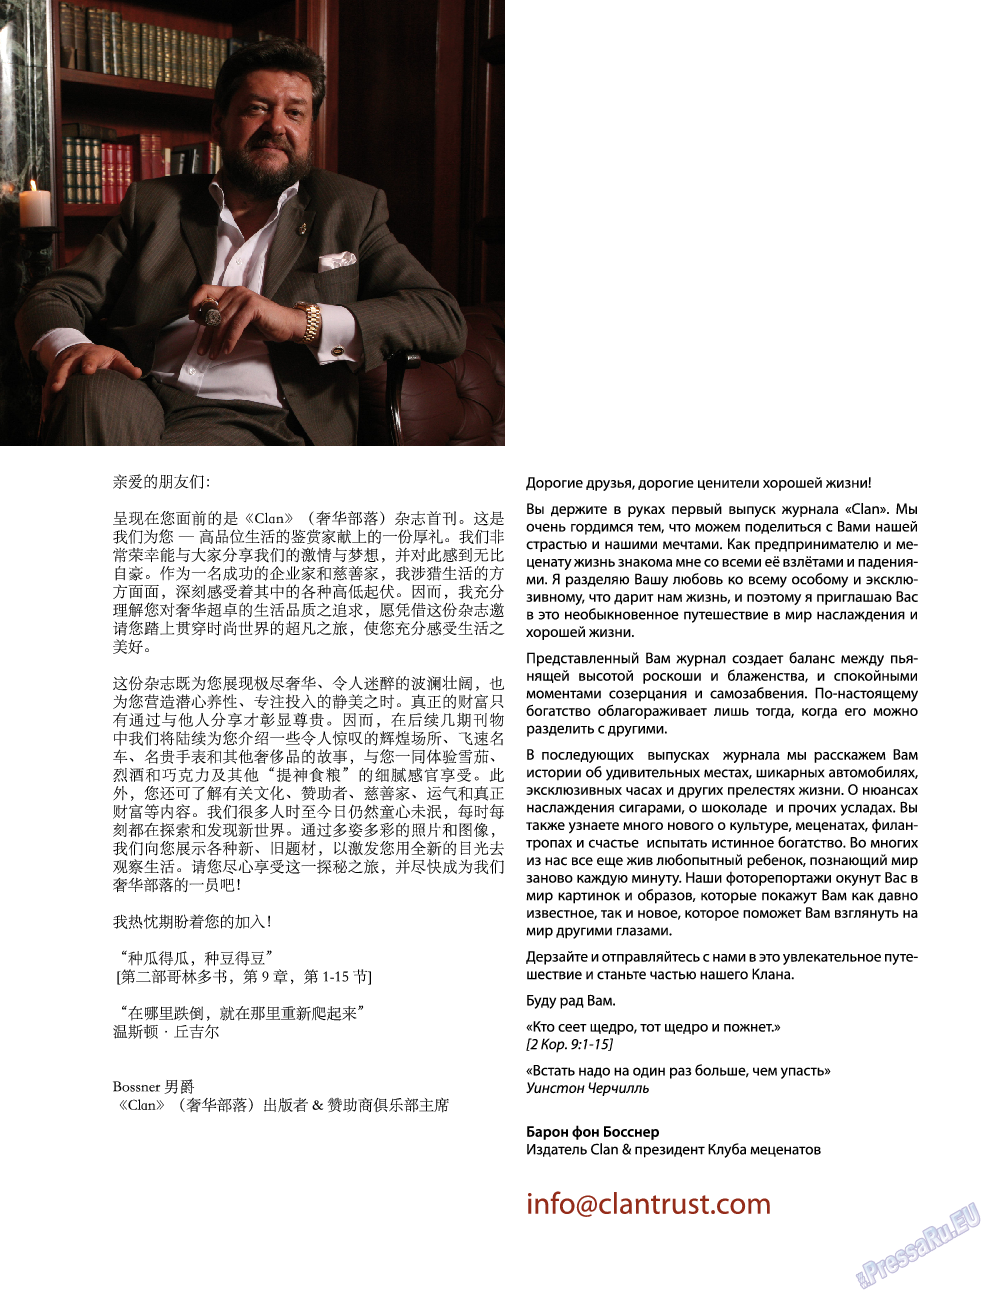 Клан (журнал). 2011 год, номер 1, стр. 3